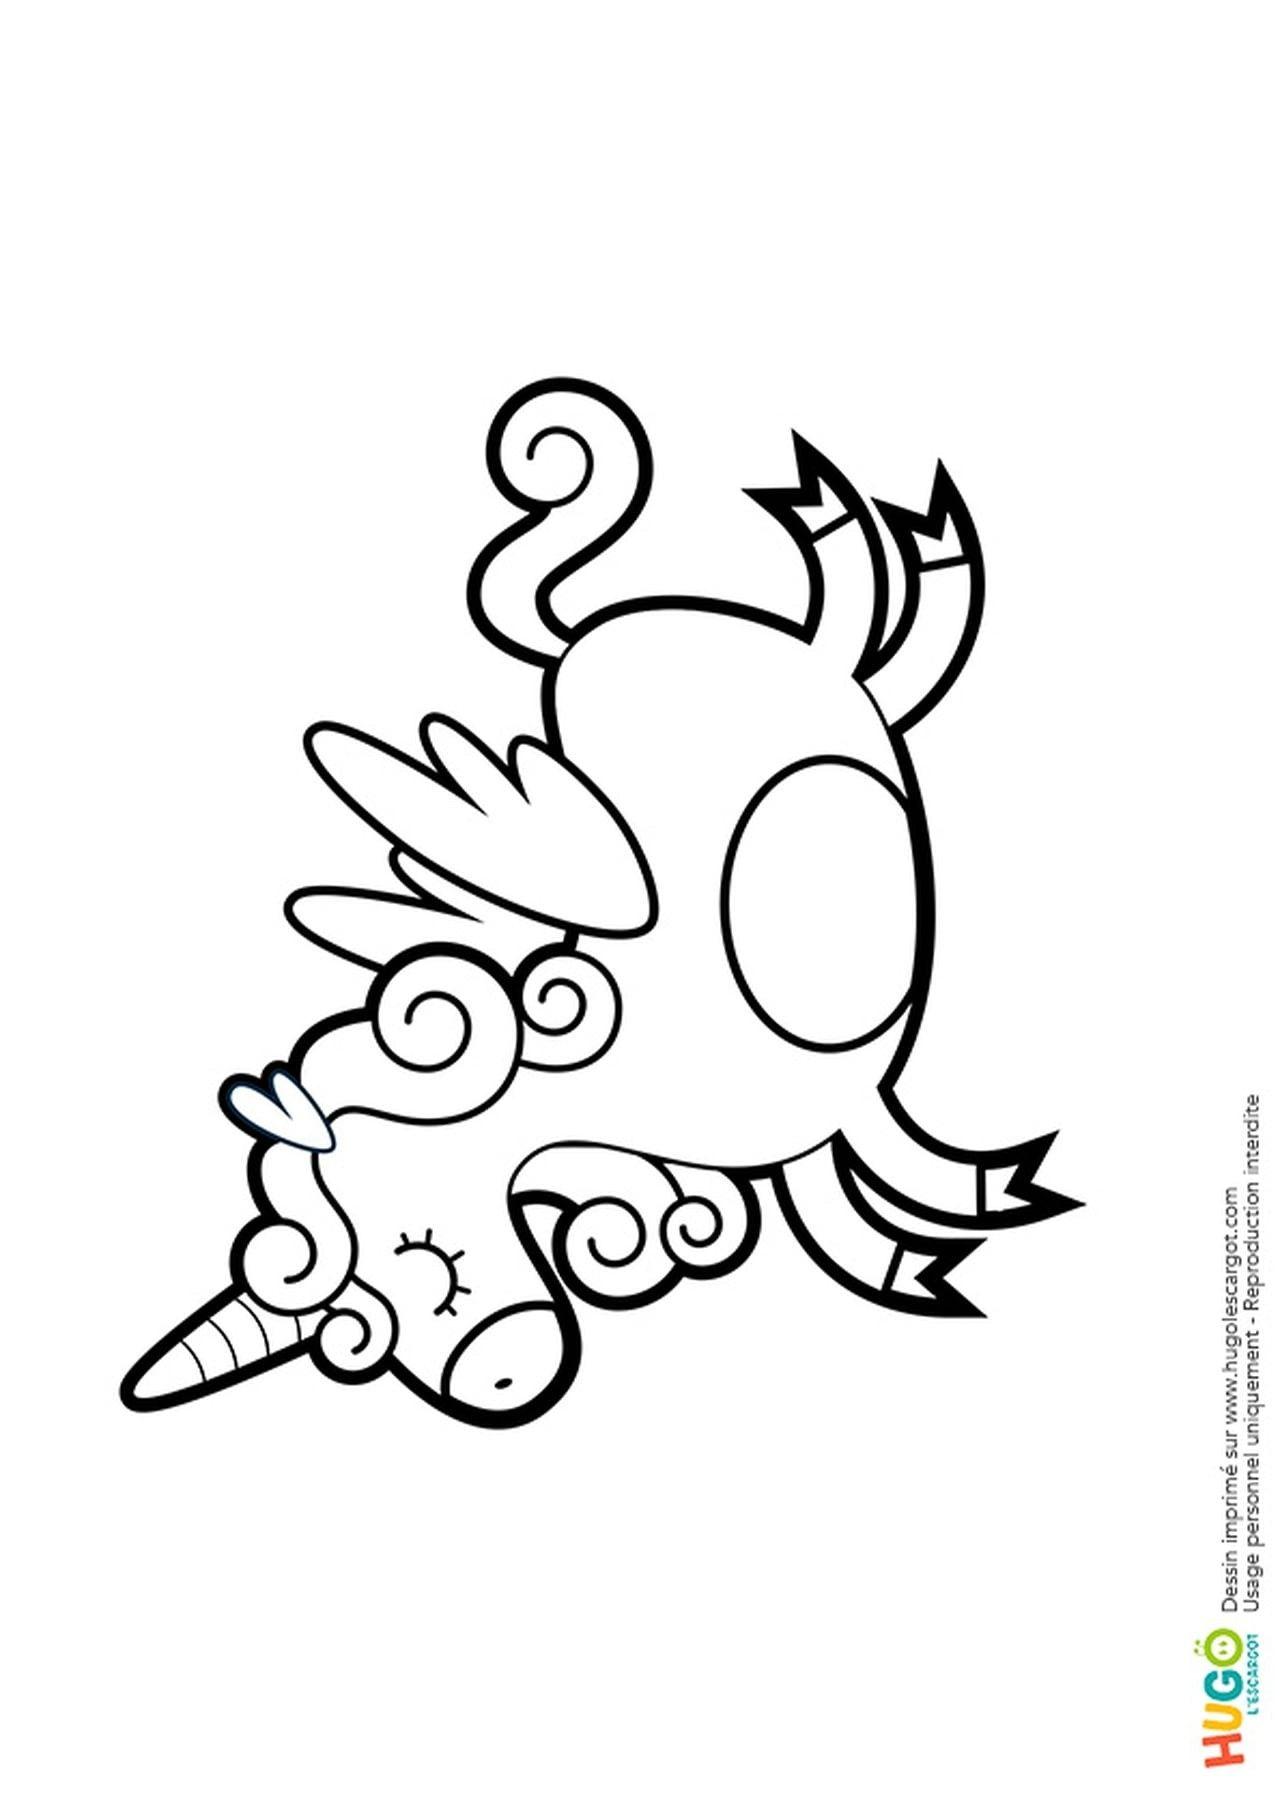 Coloriage Licorne Kawaii En Ligne Gratuit Imprimer Avec 10835753